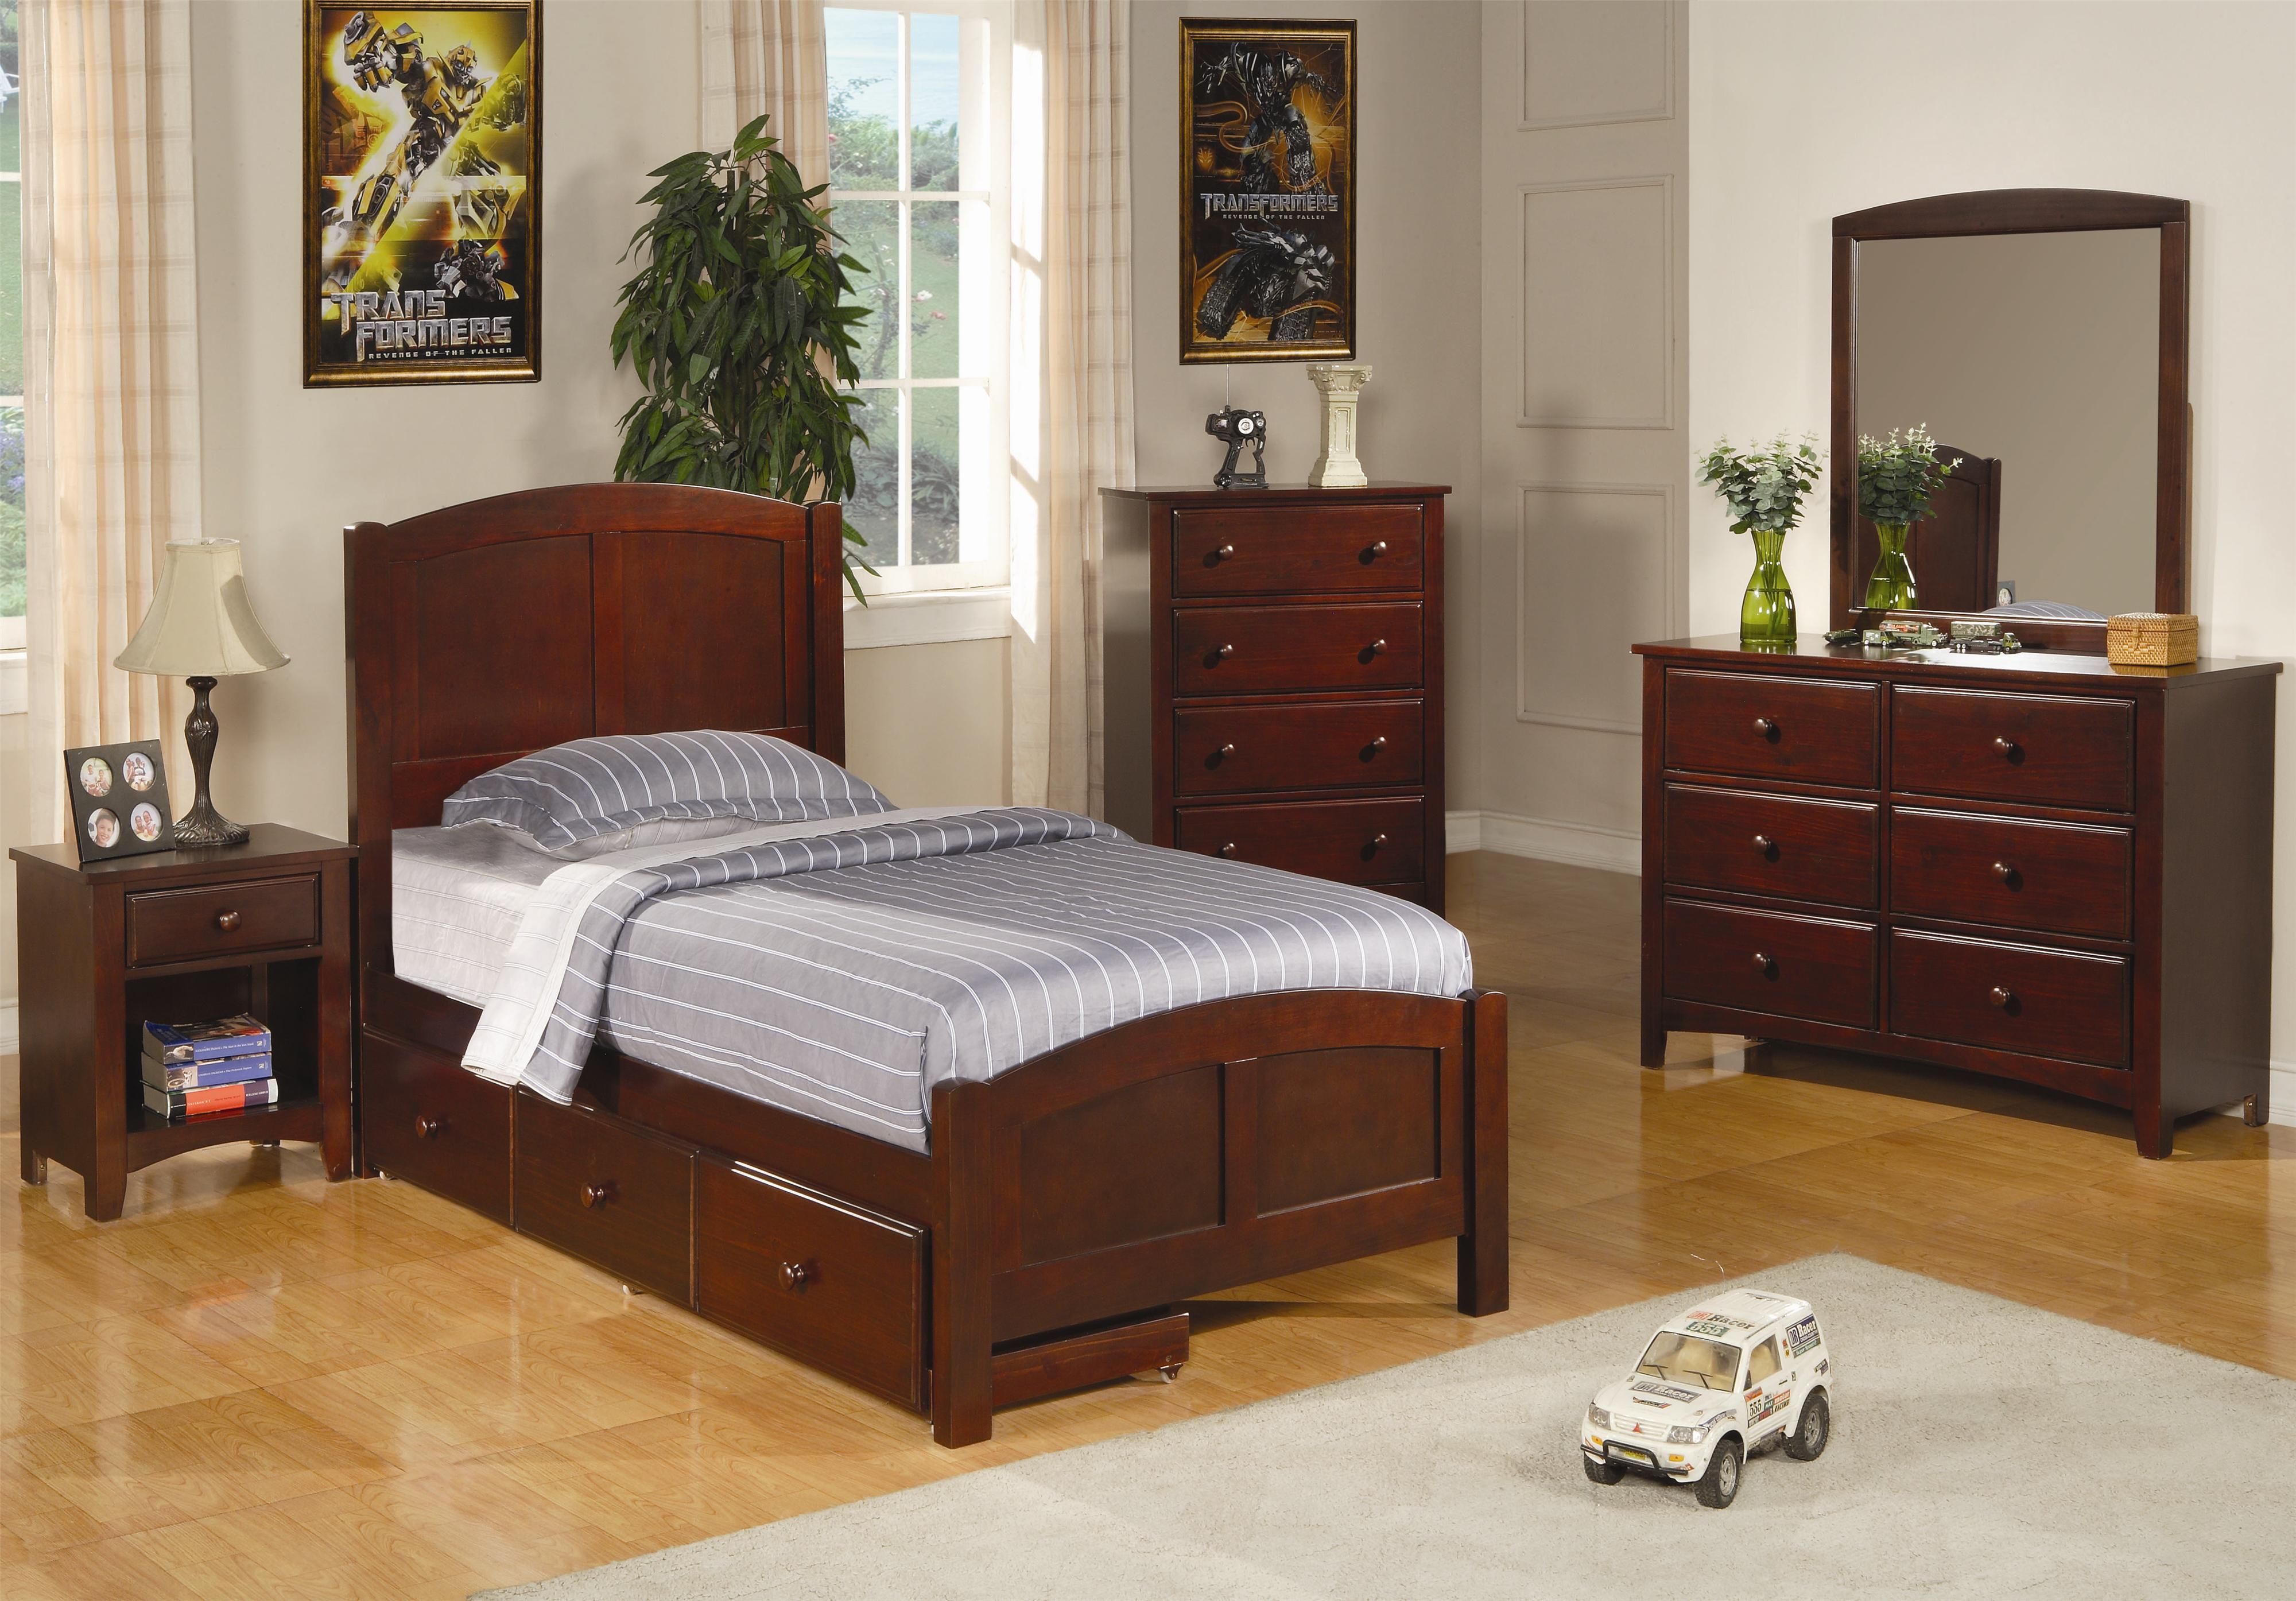 Coaster Furniture - Parker Bedroom Set | Broadway Furniture